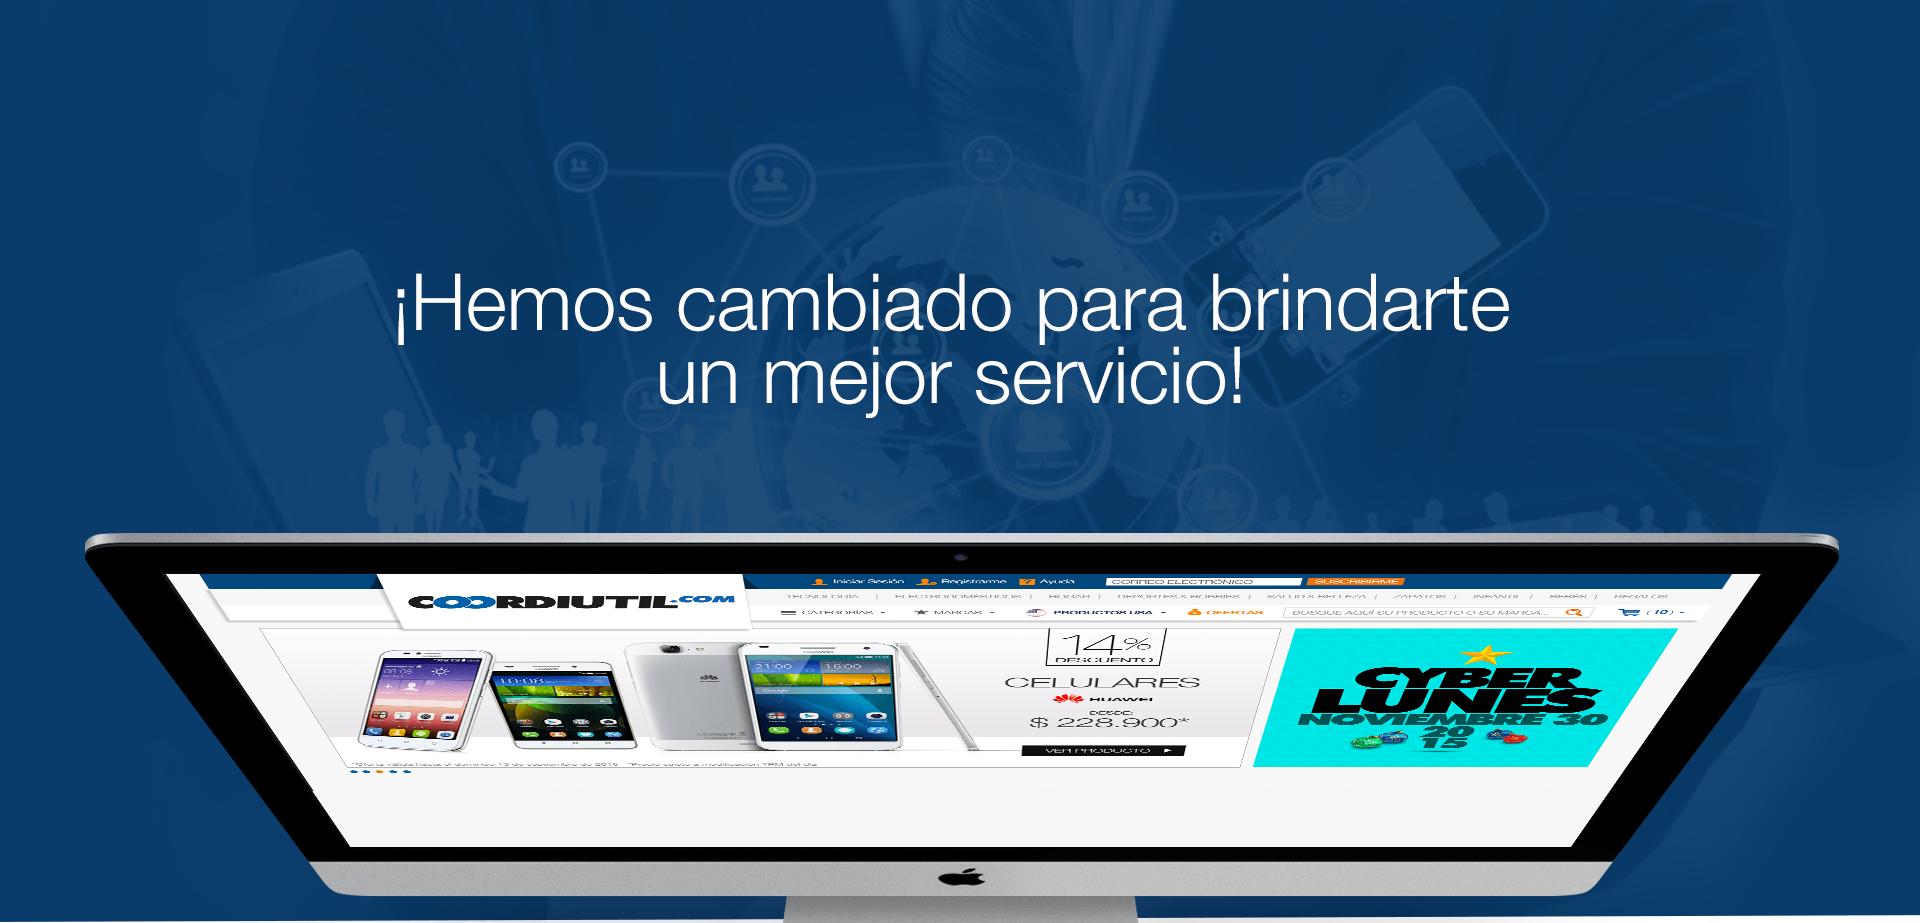 Tienda Virtual Coordiutil Colombia: Compras Fáciles y Seguras en Internet